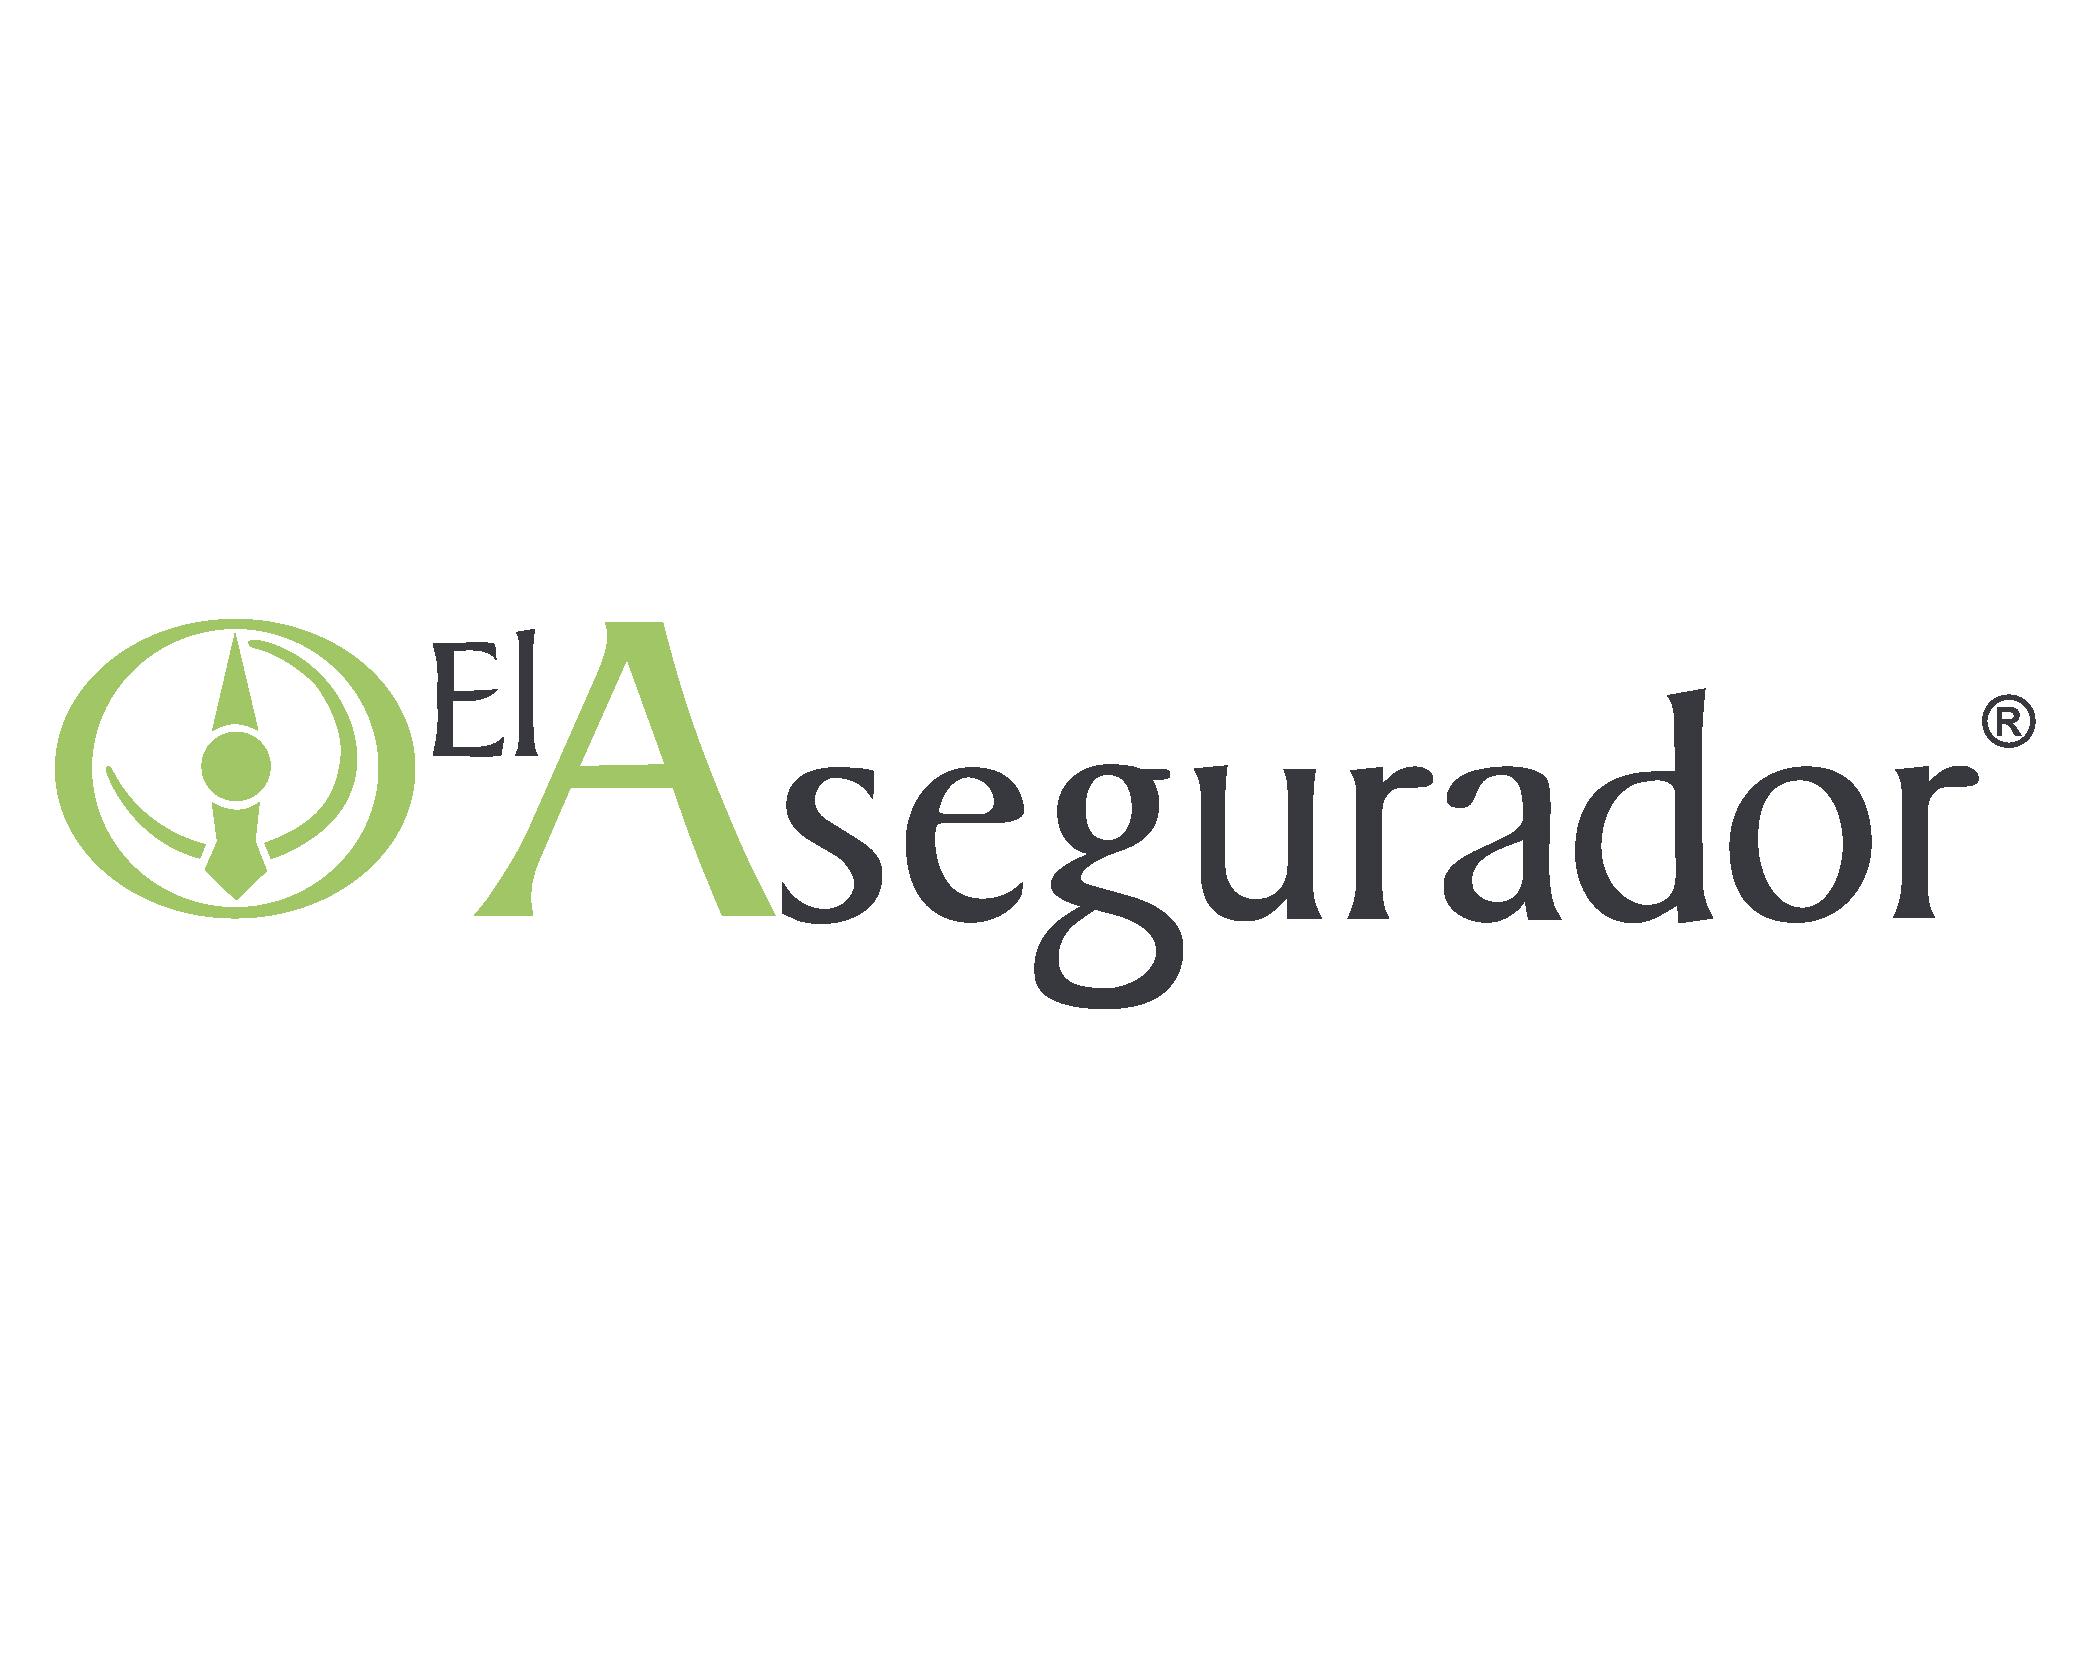 El Asegurador logo